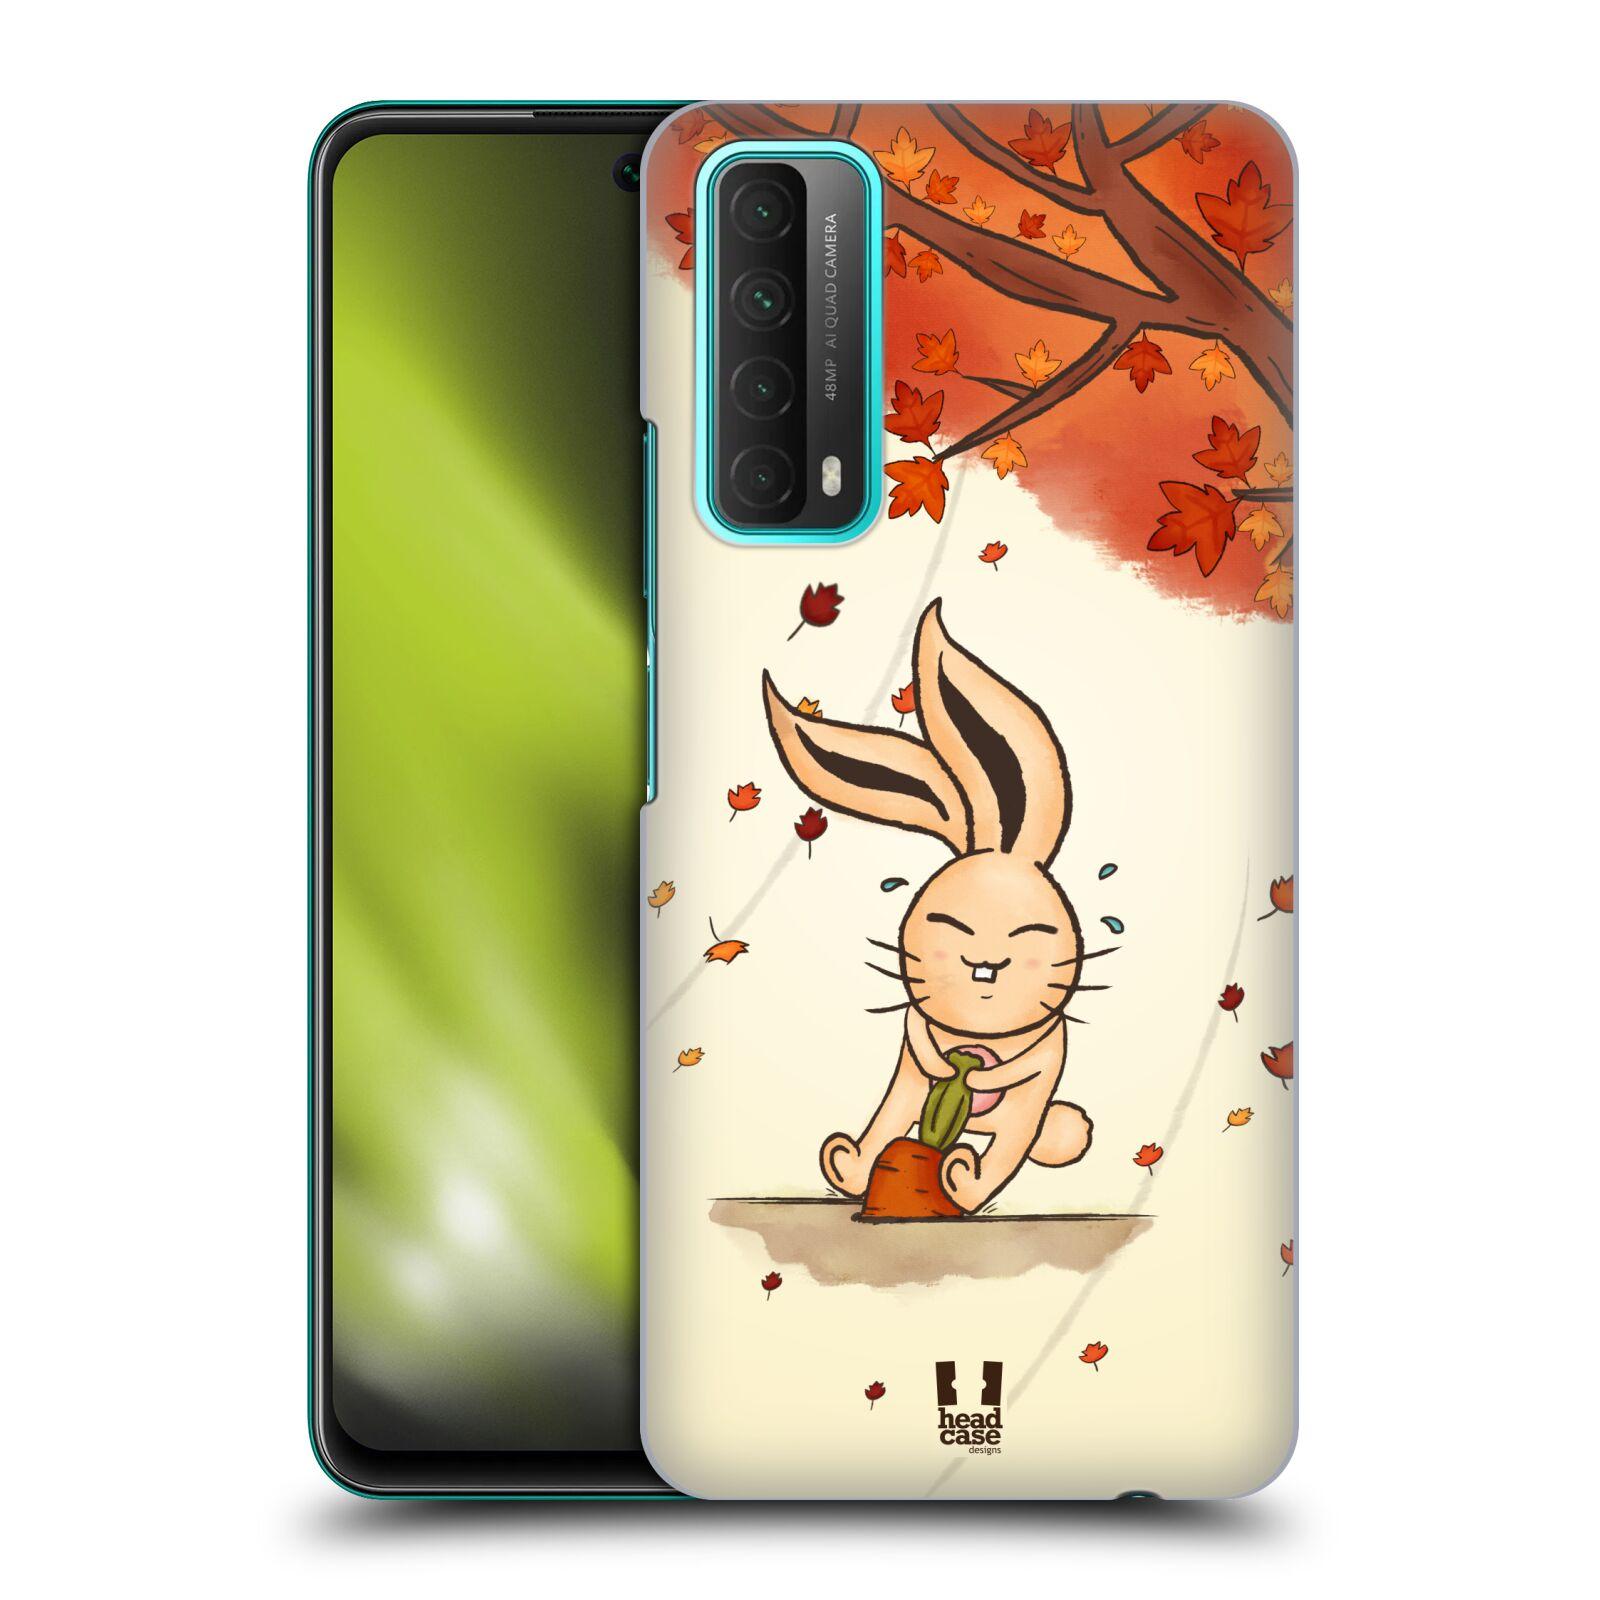 Plastové pouzdro na mobil Huawei P Smart (2021) - Head Case - PODZIMNÍ KRÁLÍK